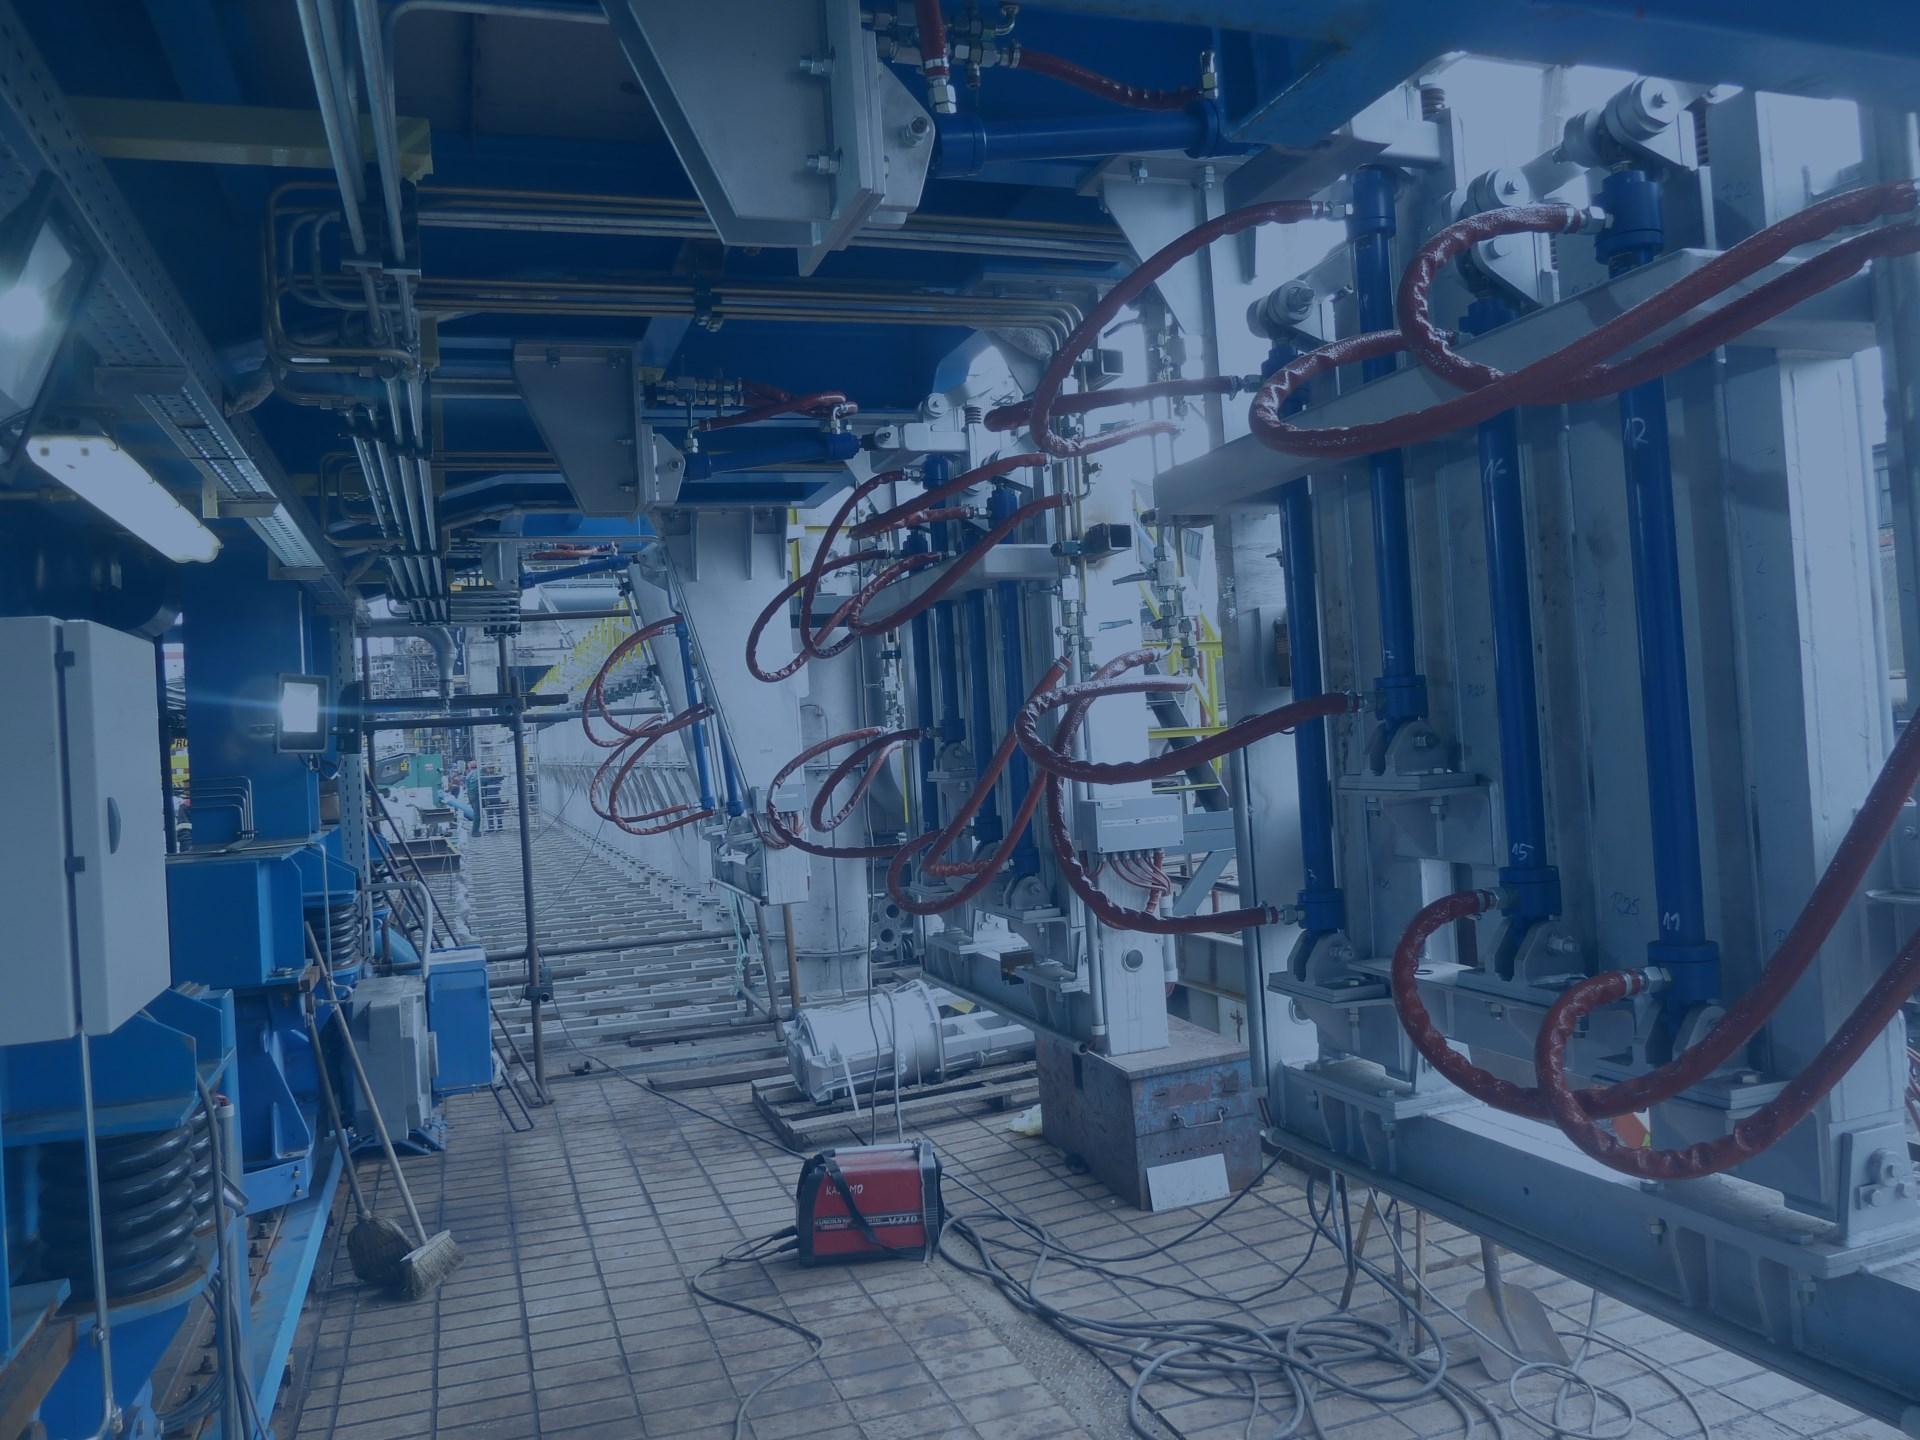 Výroba a montáže hydraulických a mazacích systémů